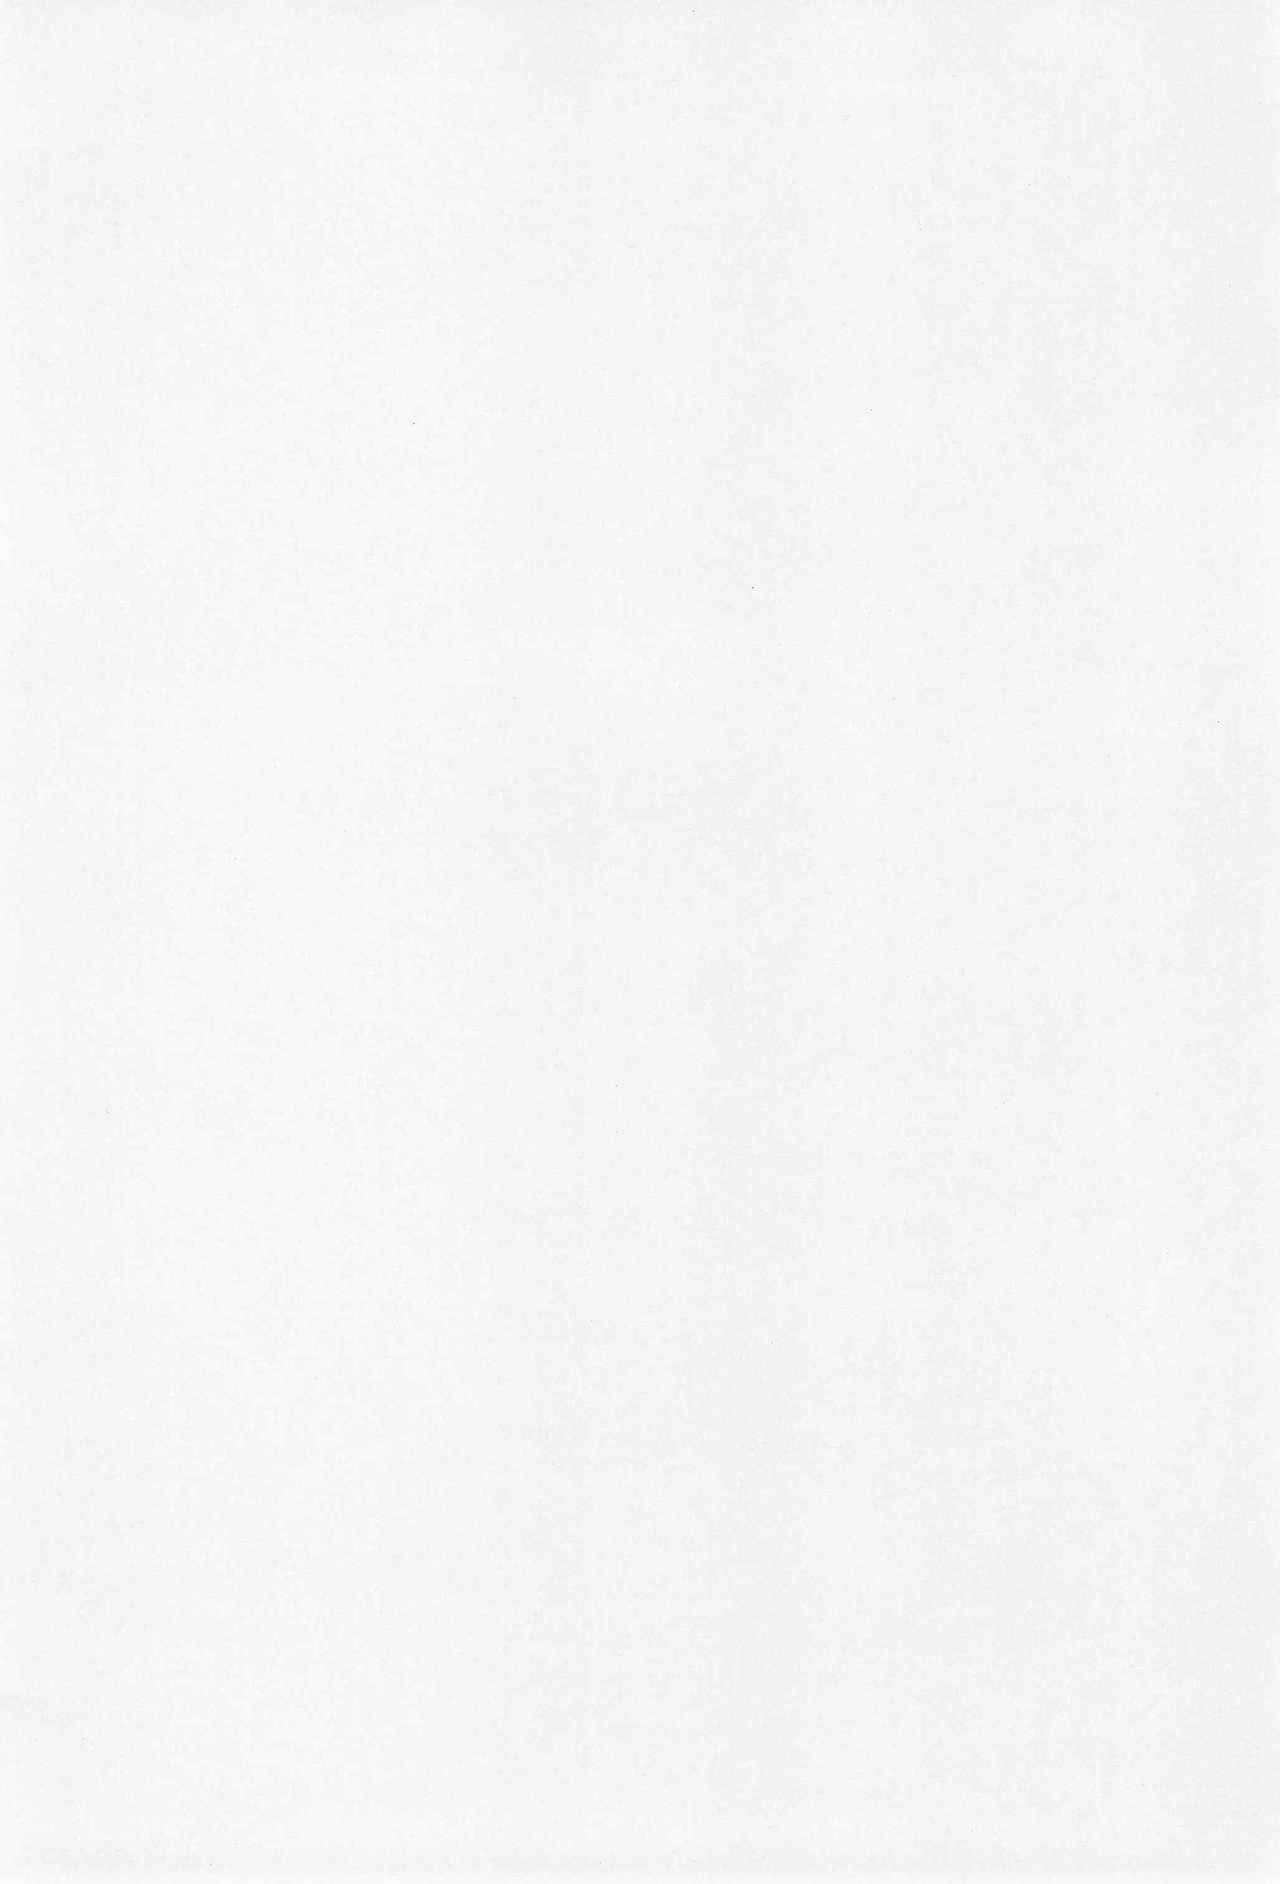 RAKUGAKI NOTE vol.15 3